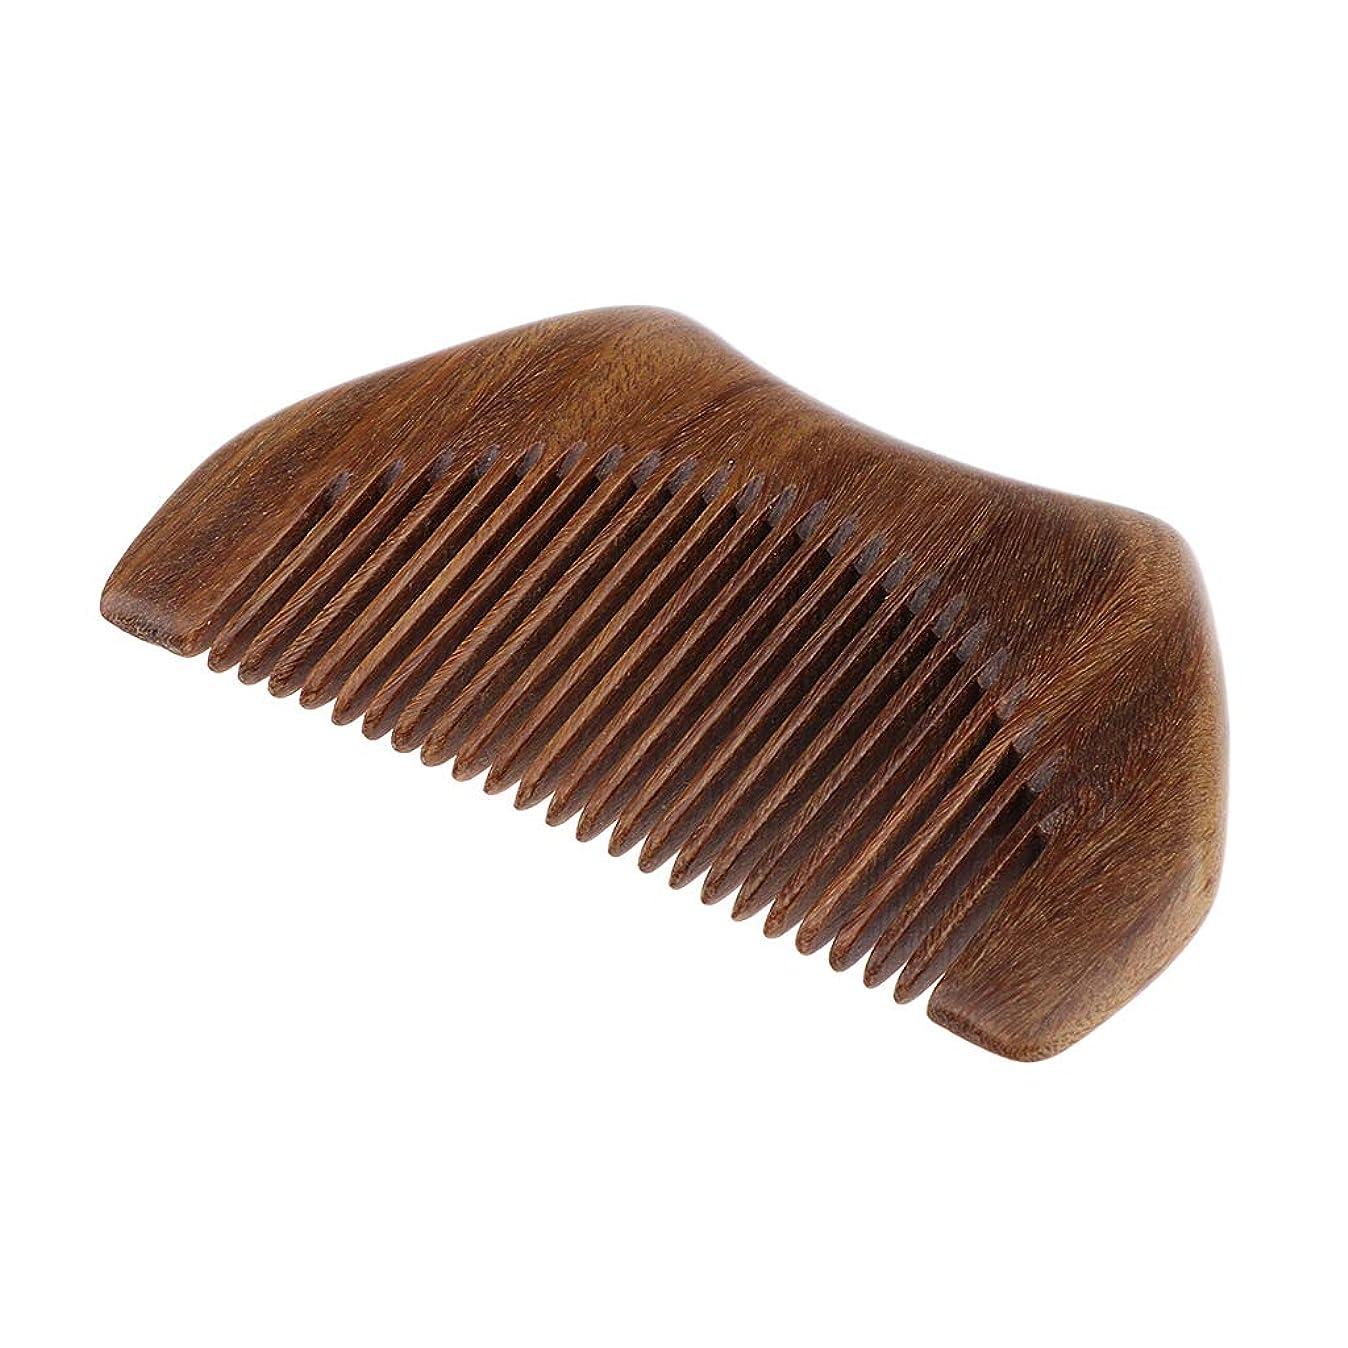 専門化するトン爬虫類SM SunniMix ヘアコーム 木製櫛 静電気防止櫛 ヘアサロン くし